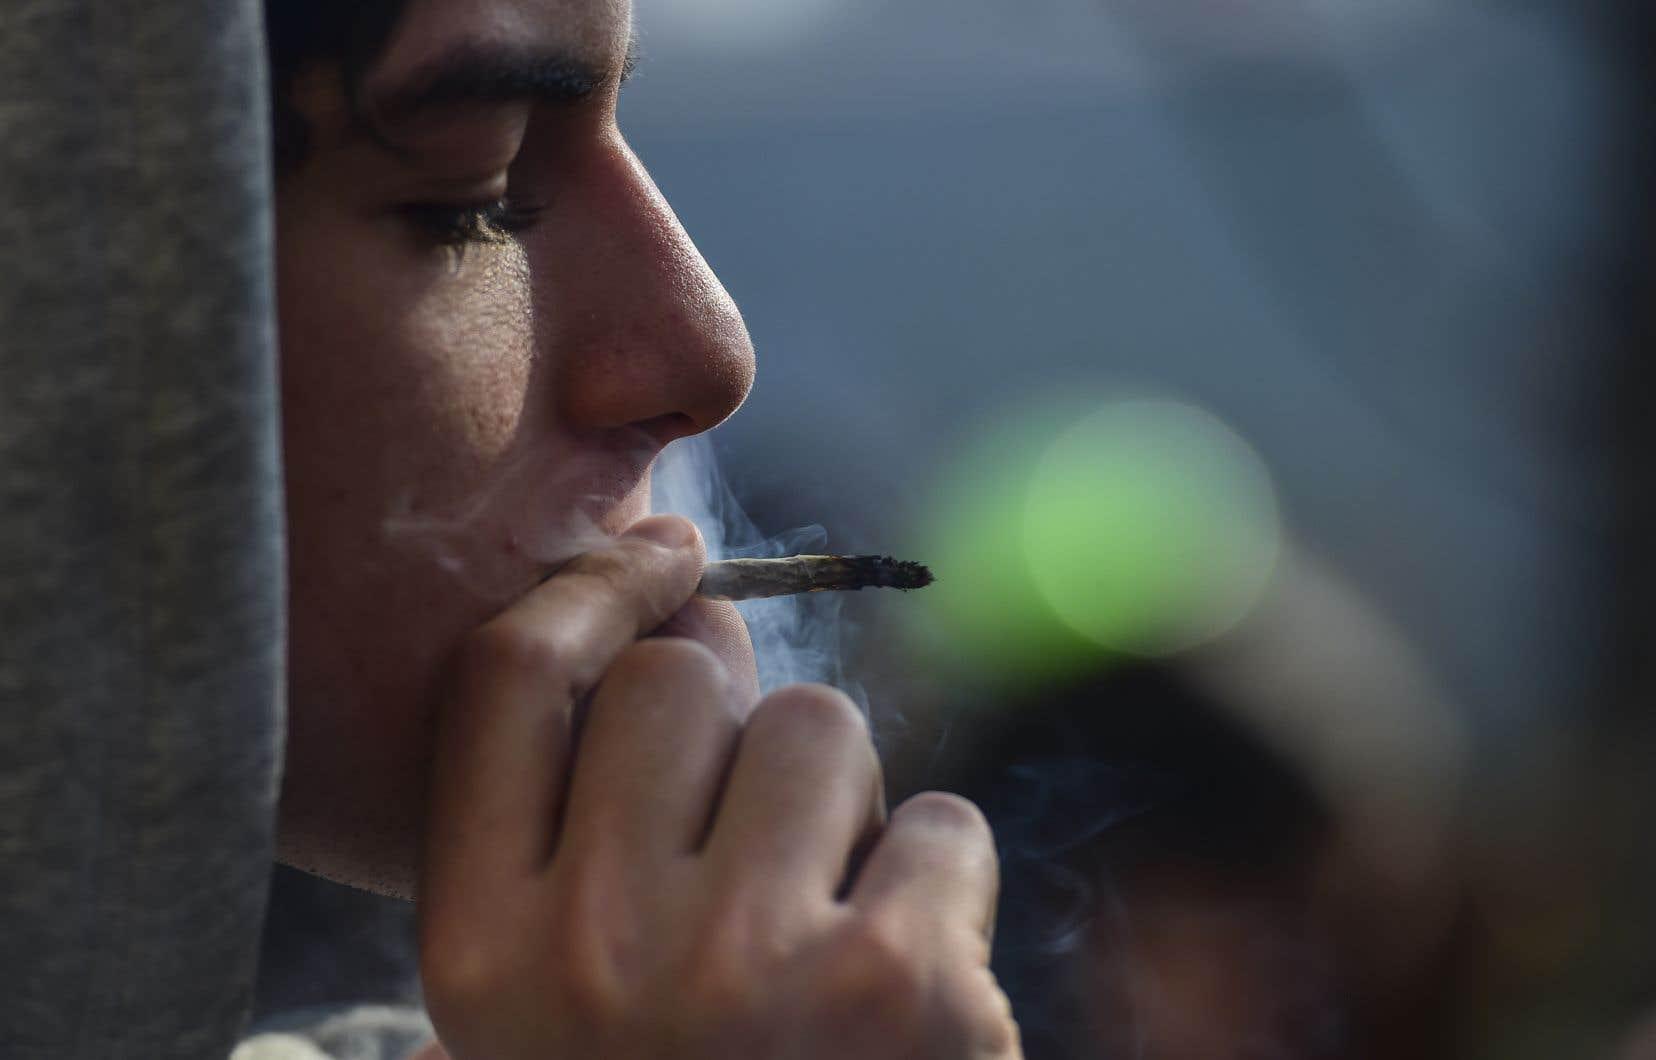 Les arrondissements de Saint-Léonard, Montréal-Nord, Saint-Laurent, Pierrefonds-Roxboro et Rivière-des-Prairies–Pointe-aux-Trembles entendent interdire la consommation du cannabis dans les espaces publics.